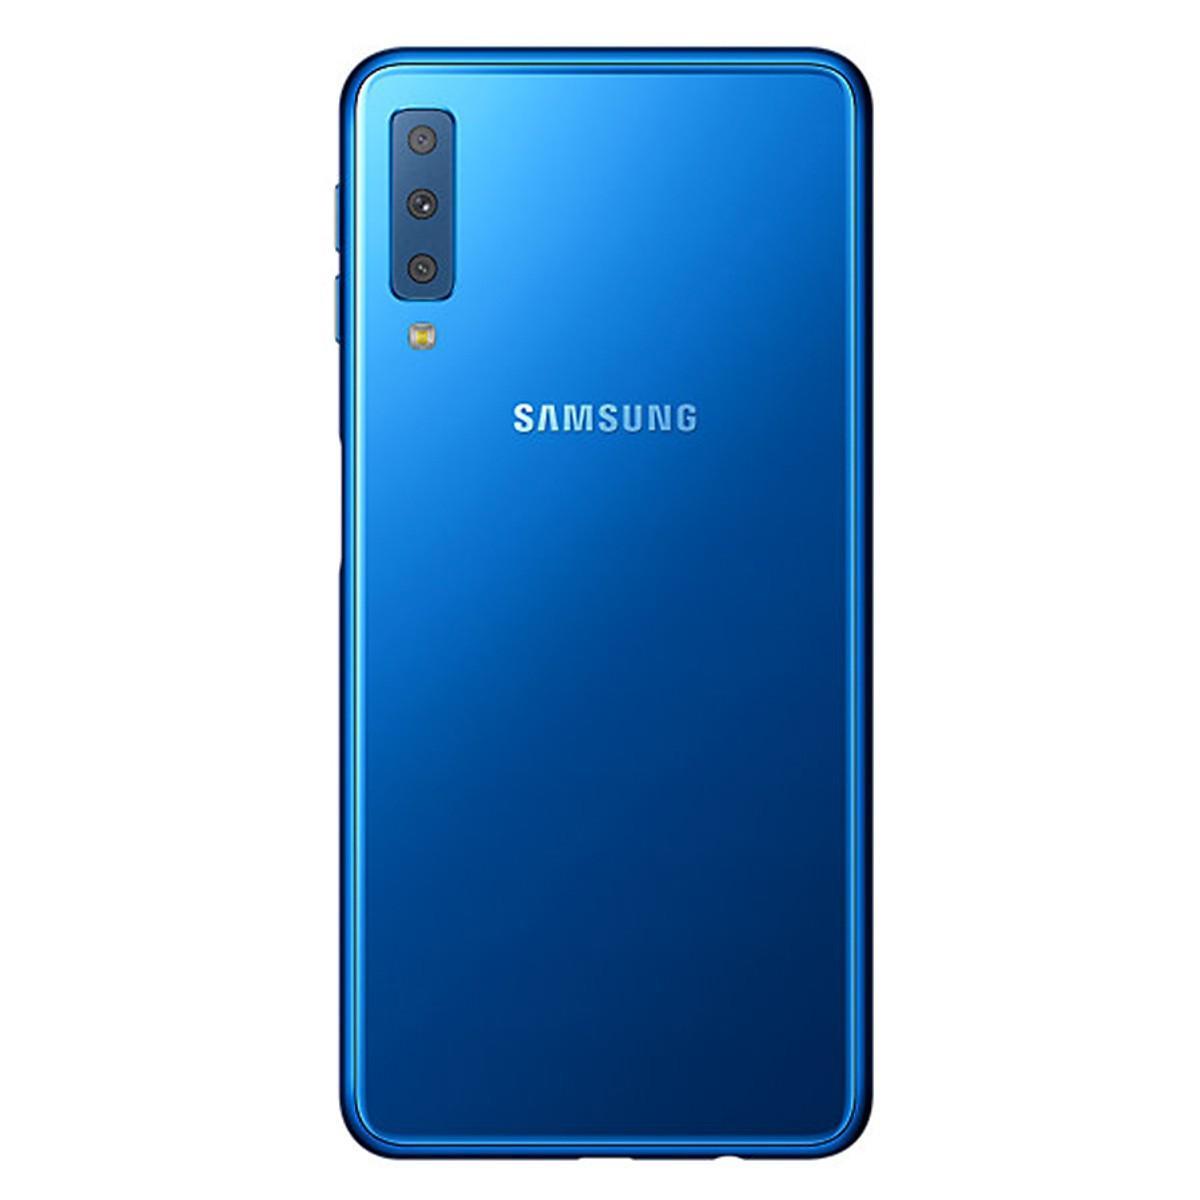 Điện Thoại Samsung Galaxy A7 (64GB/4GB) và (128GB/6GB) 2018 - Hãng Phân Phối Chính Thức